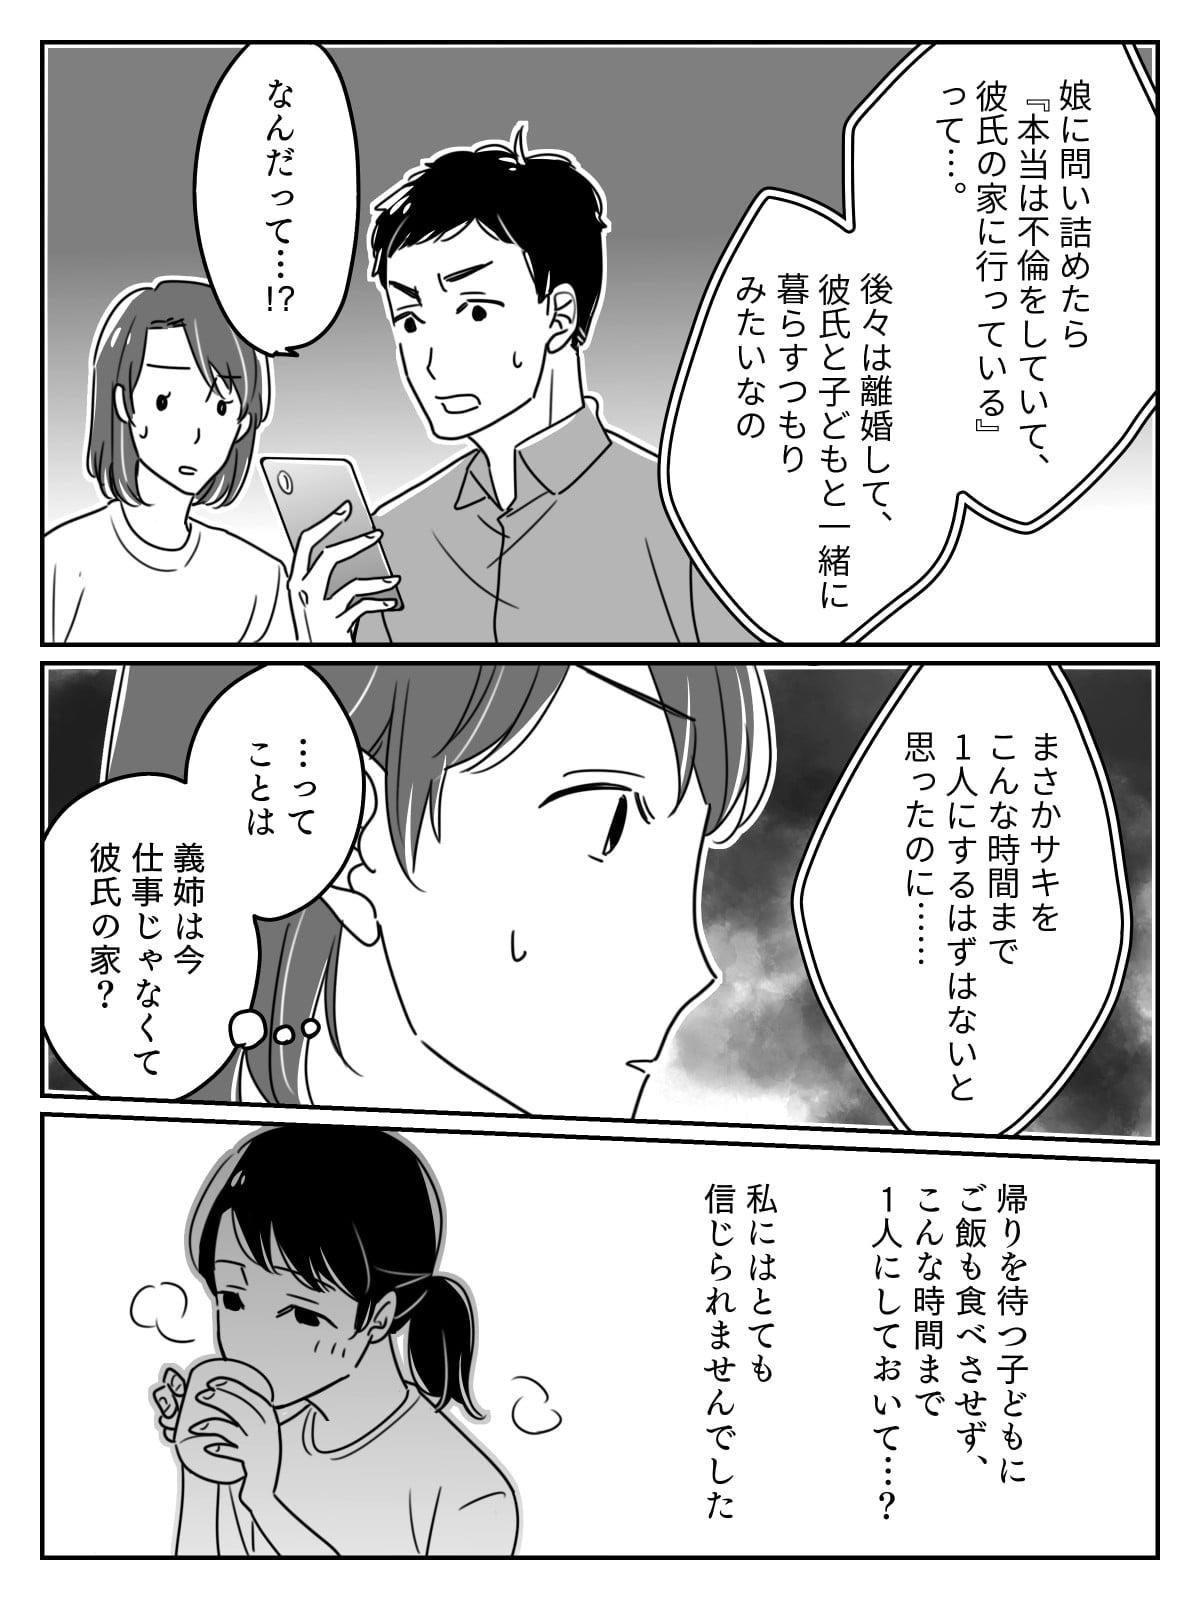 【前編】育児放棄!?「ママが帰ってこない」